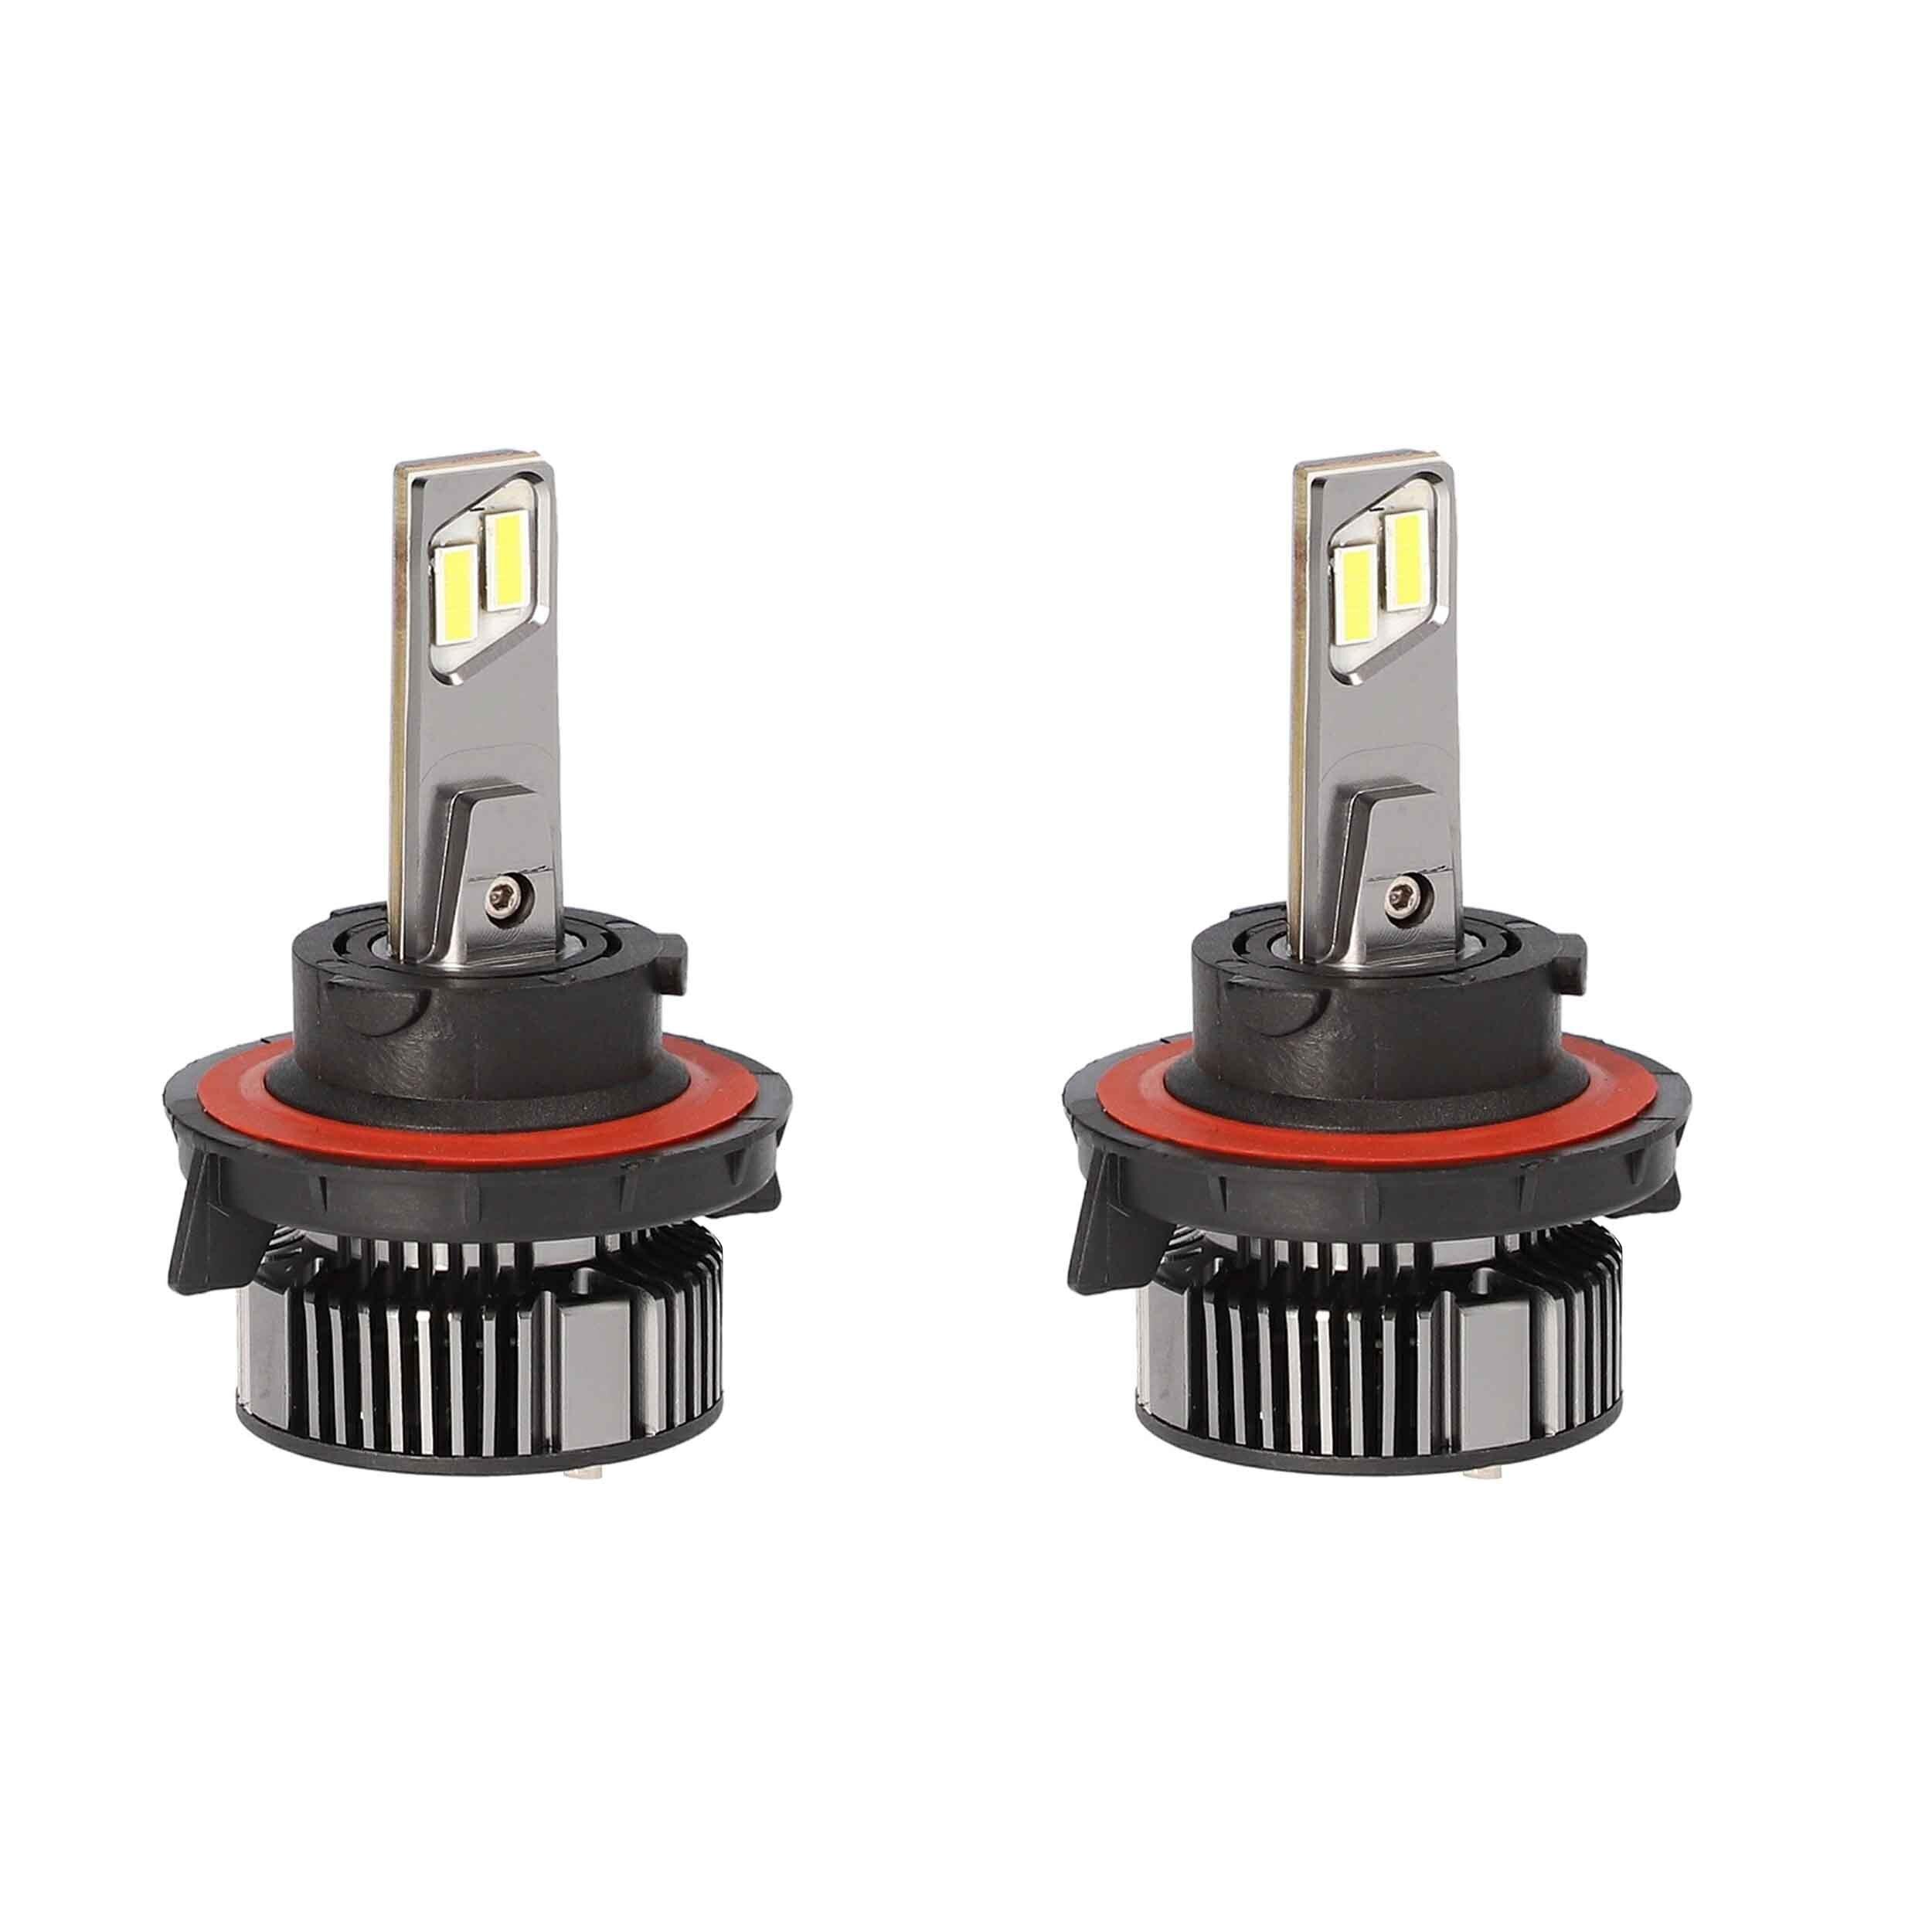 H13 Pro Series LED Kit - Dual Beam